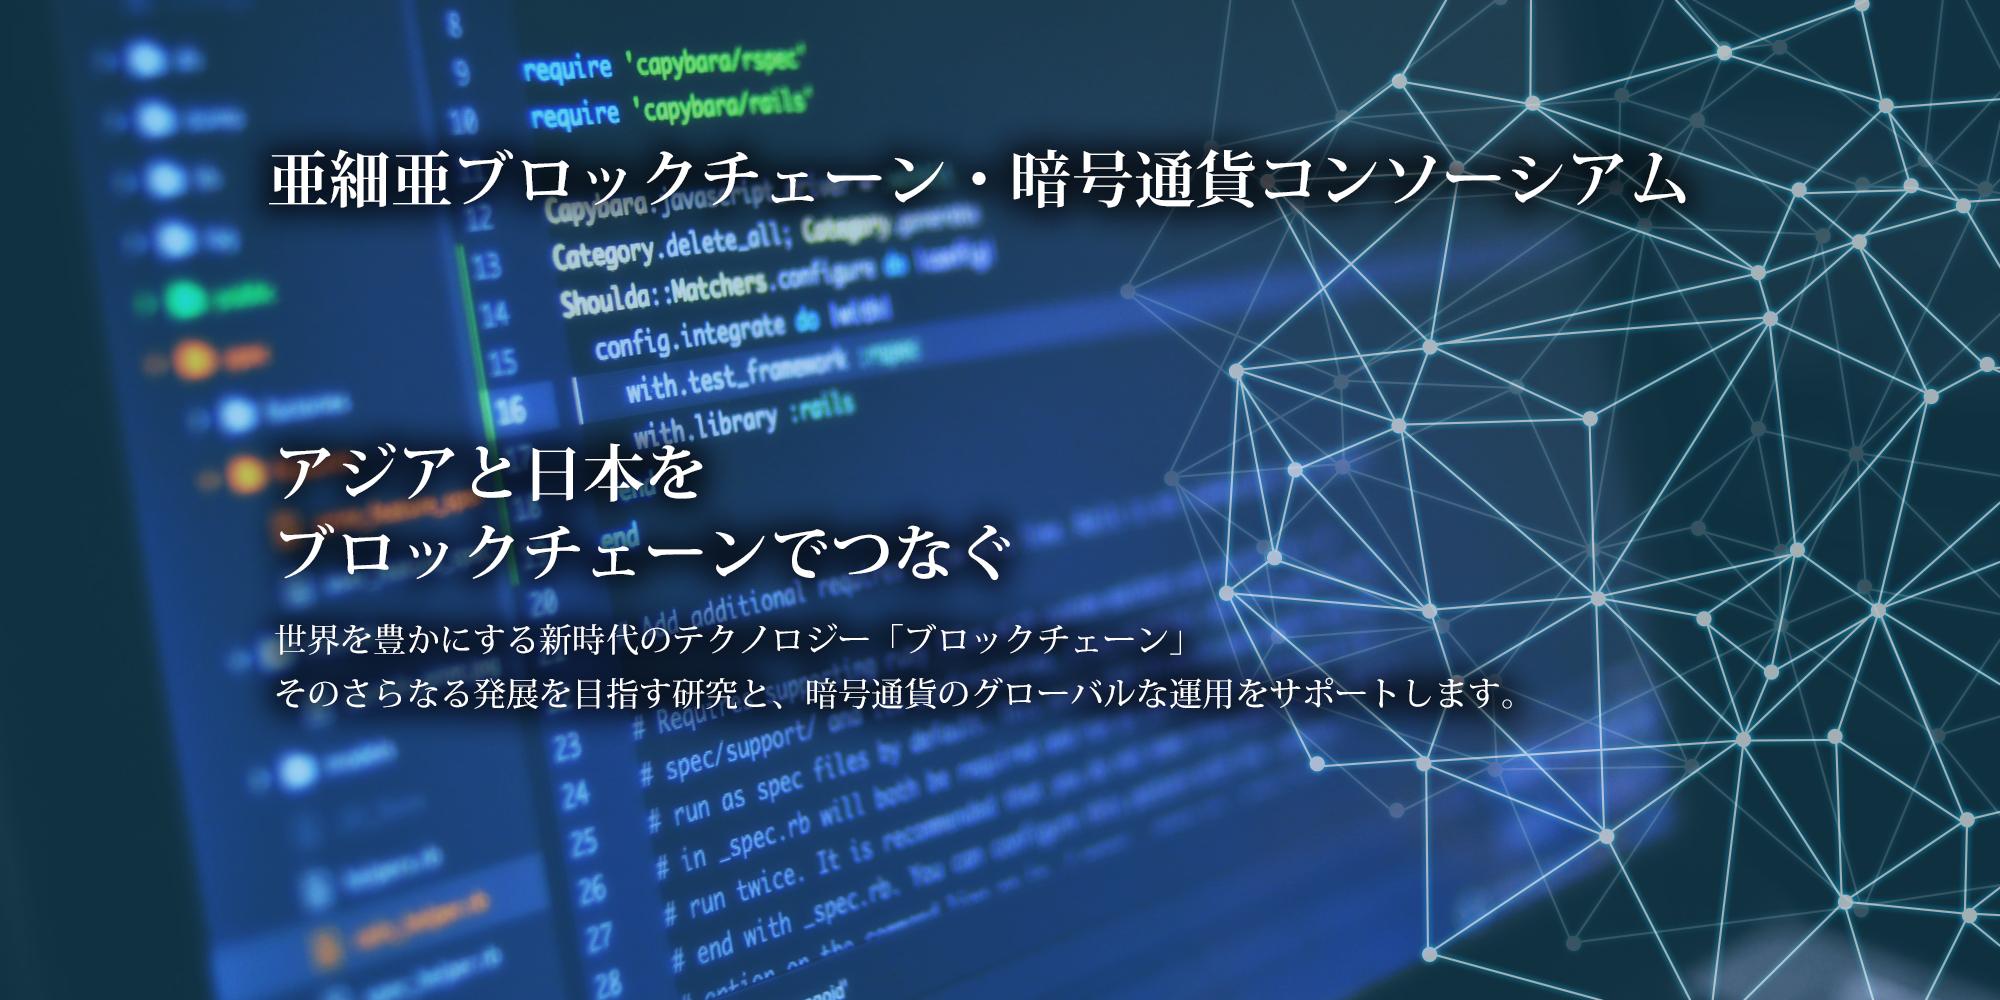 アジア諸国と日本を ブロックチェーン技術でつなぐ